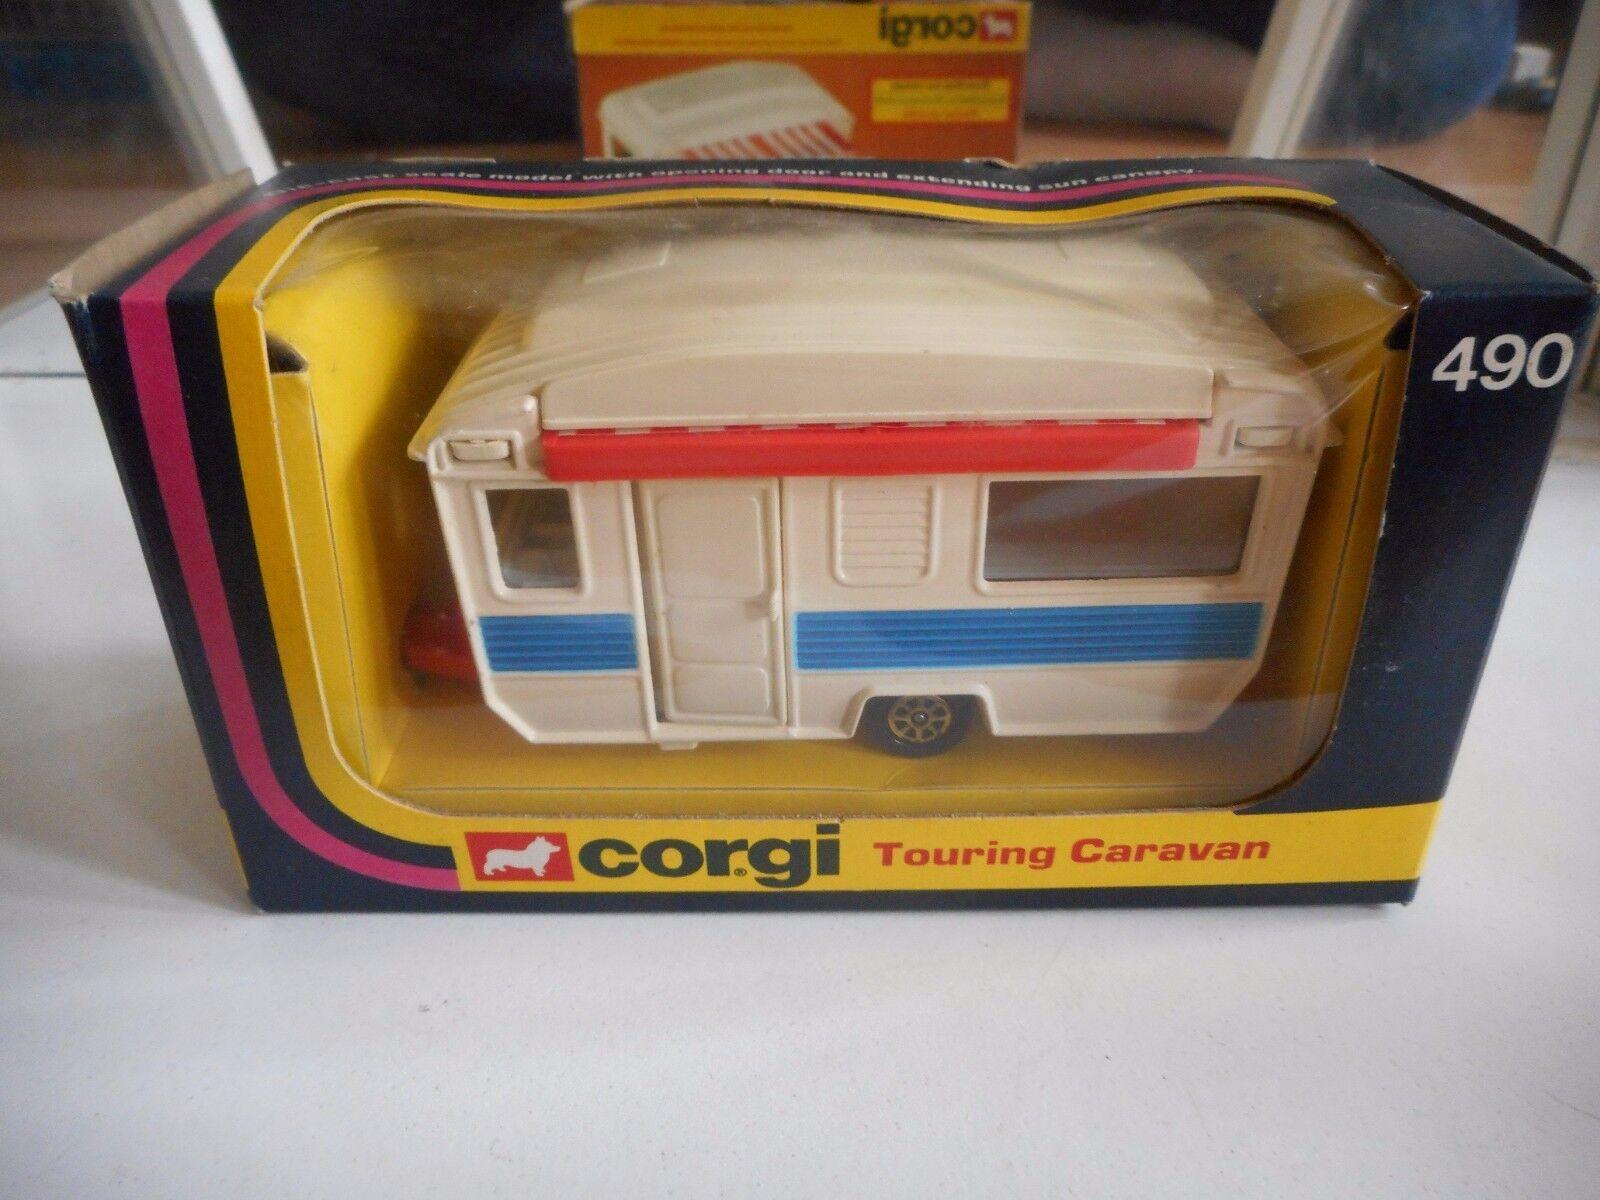 Corgi Touring Caravan in White in in in Box (Corgi nr  490) aedf2d